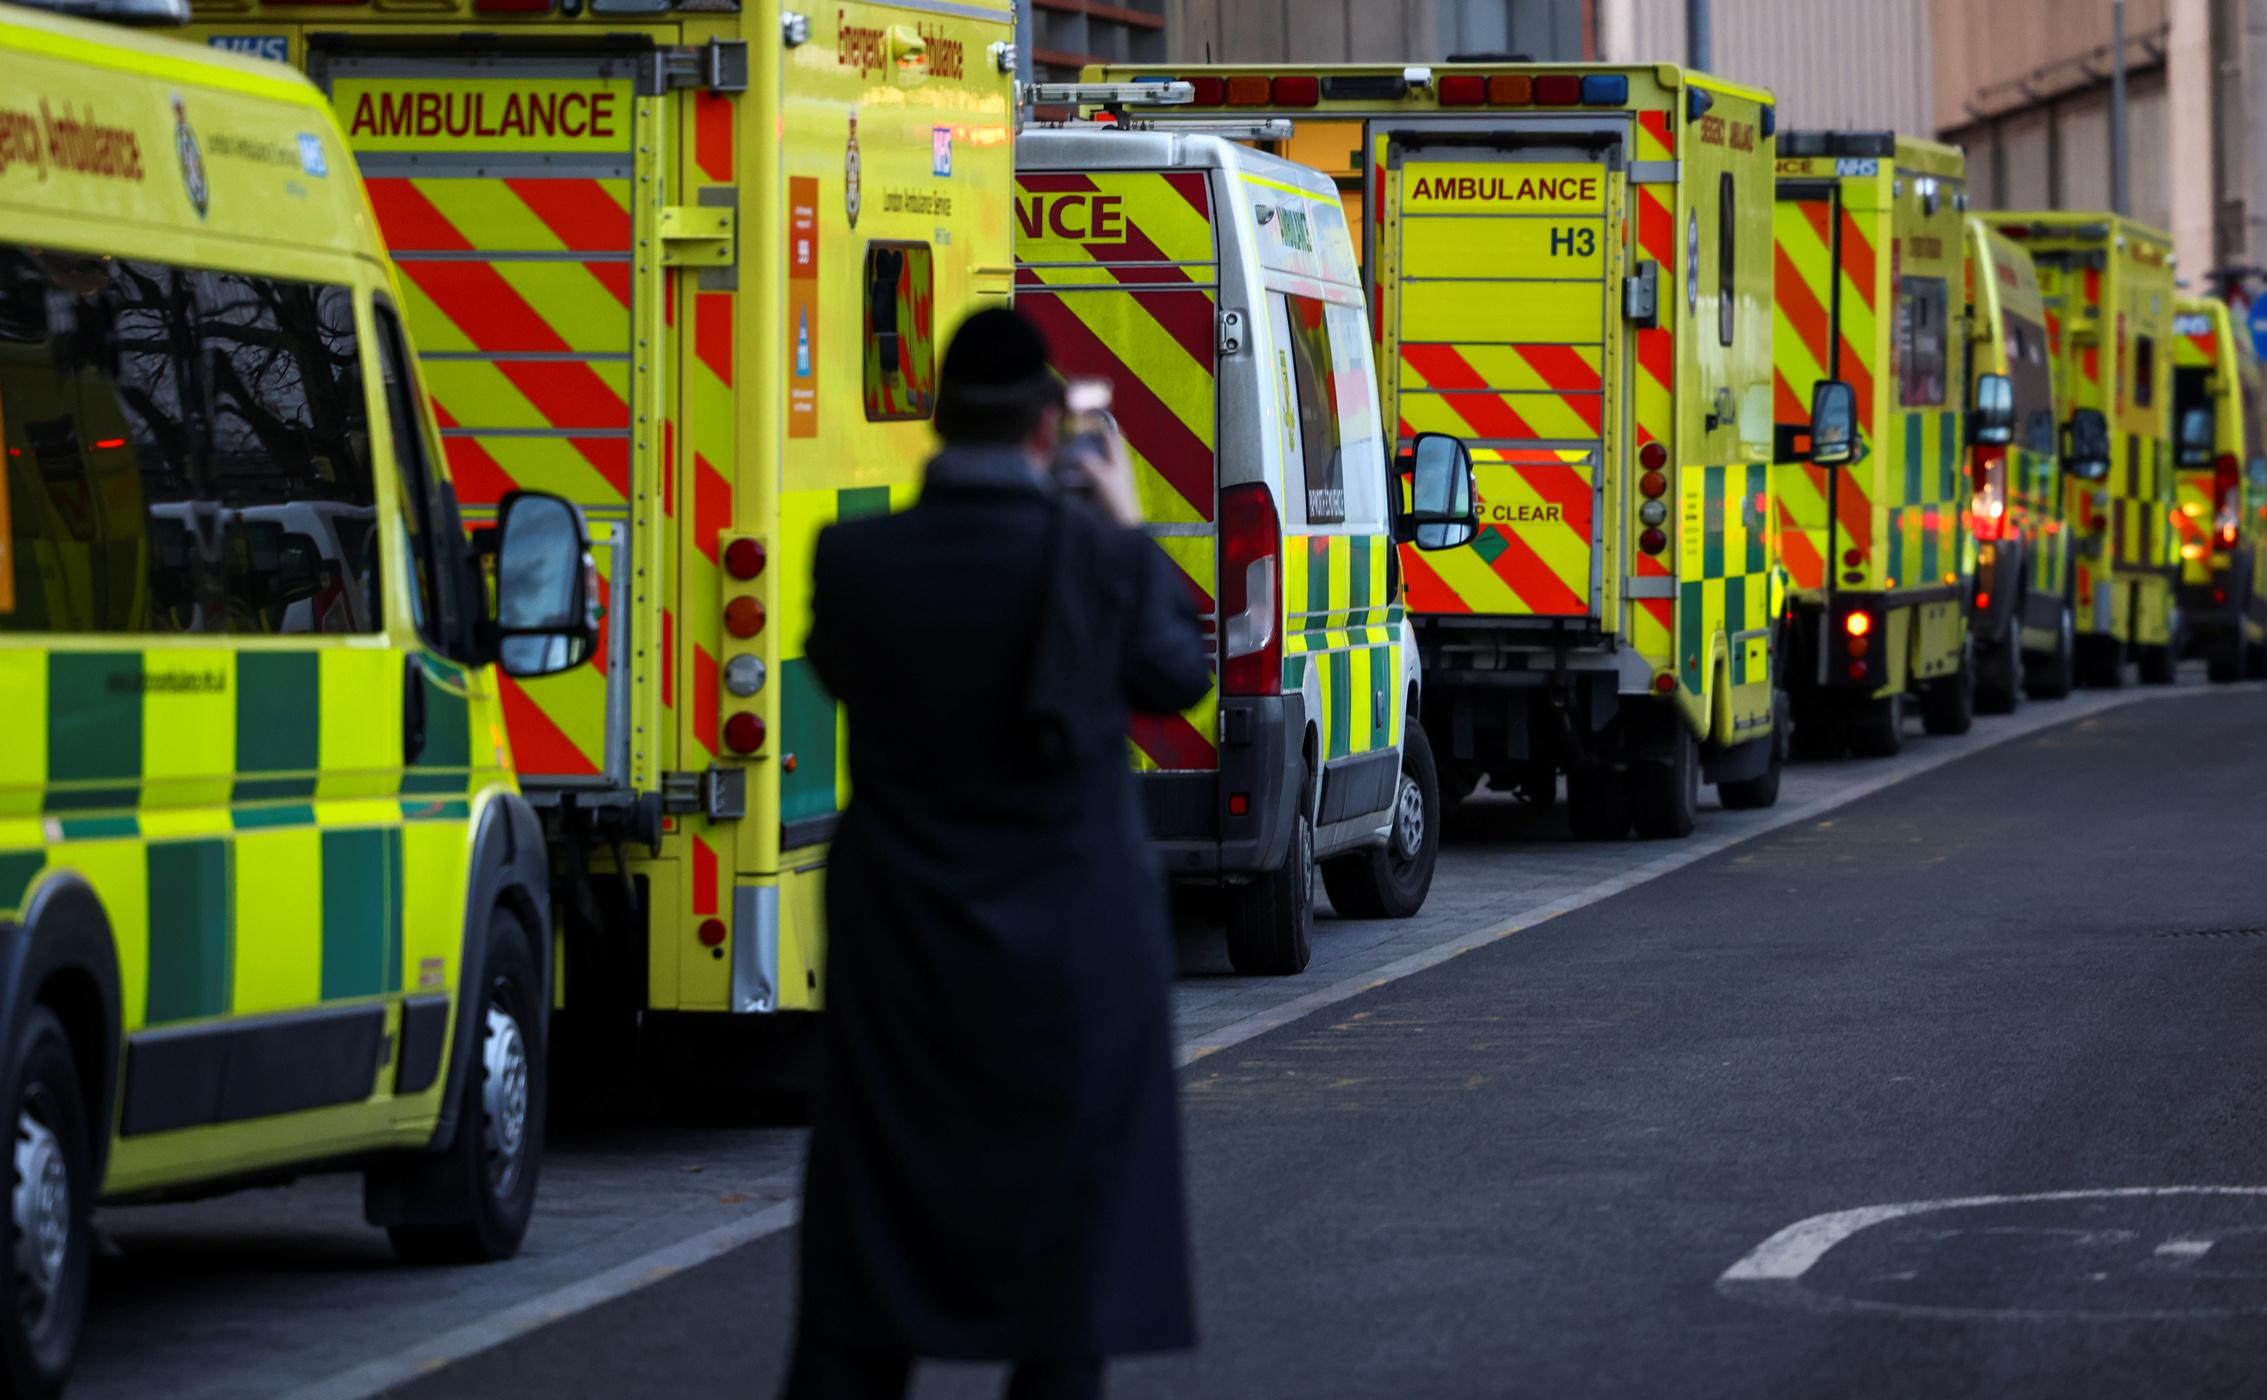 Κορονοϊός: Πάνω από 1.200 νεκροί και 45.000 κρούσματα στη Βρετανία